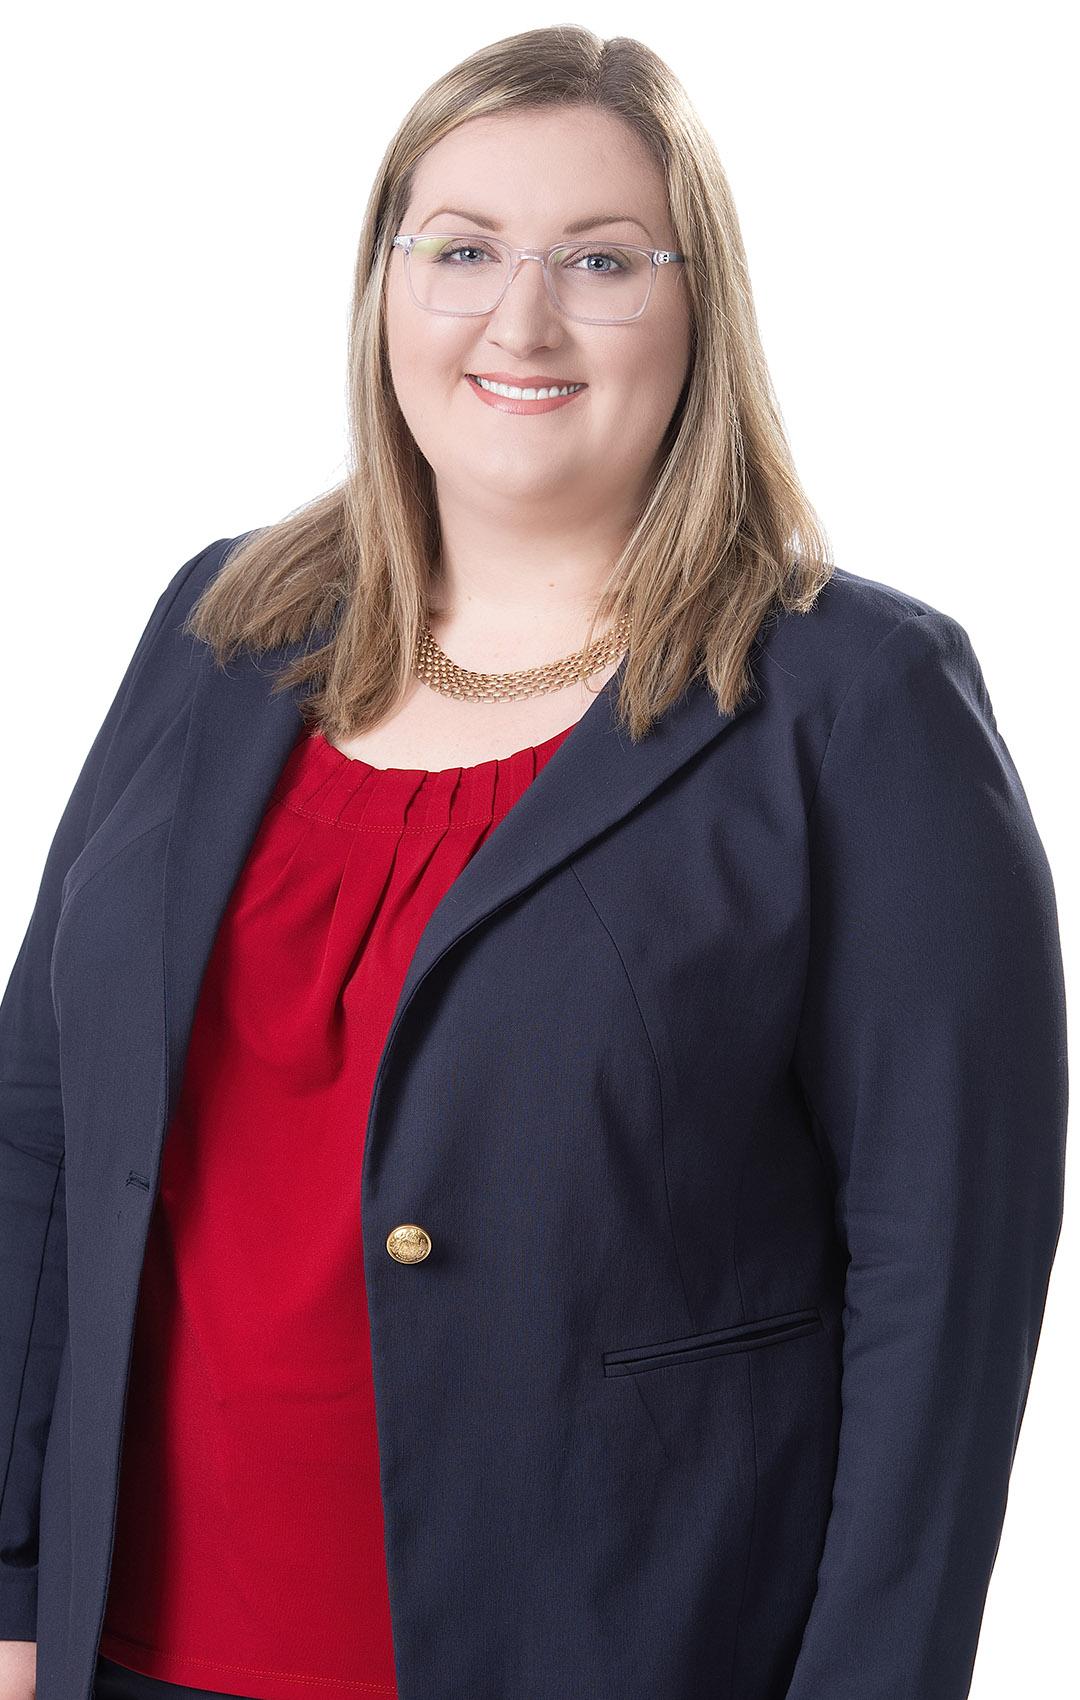 Megan Basham Davis